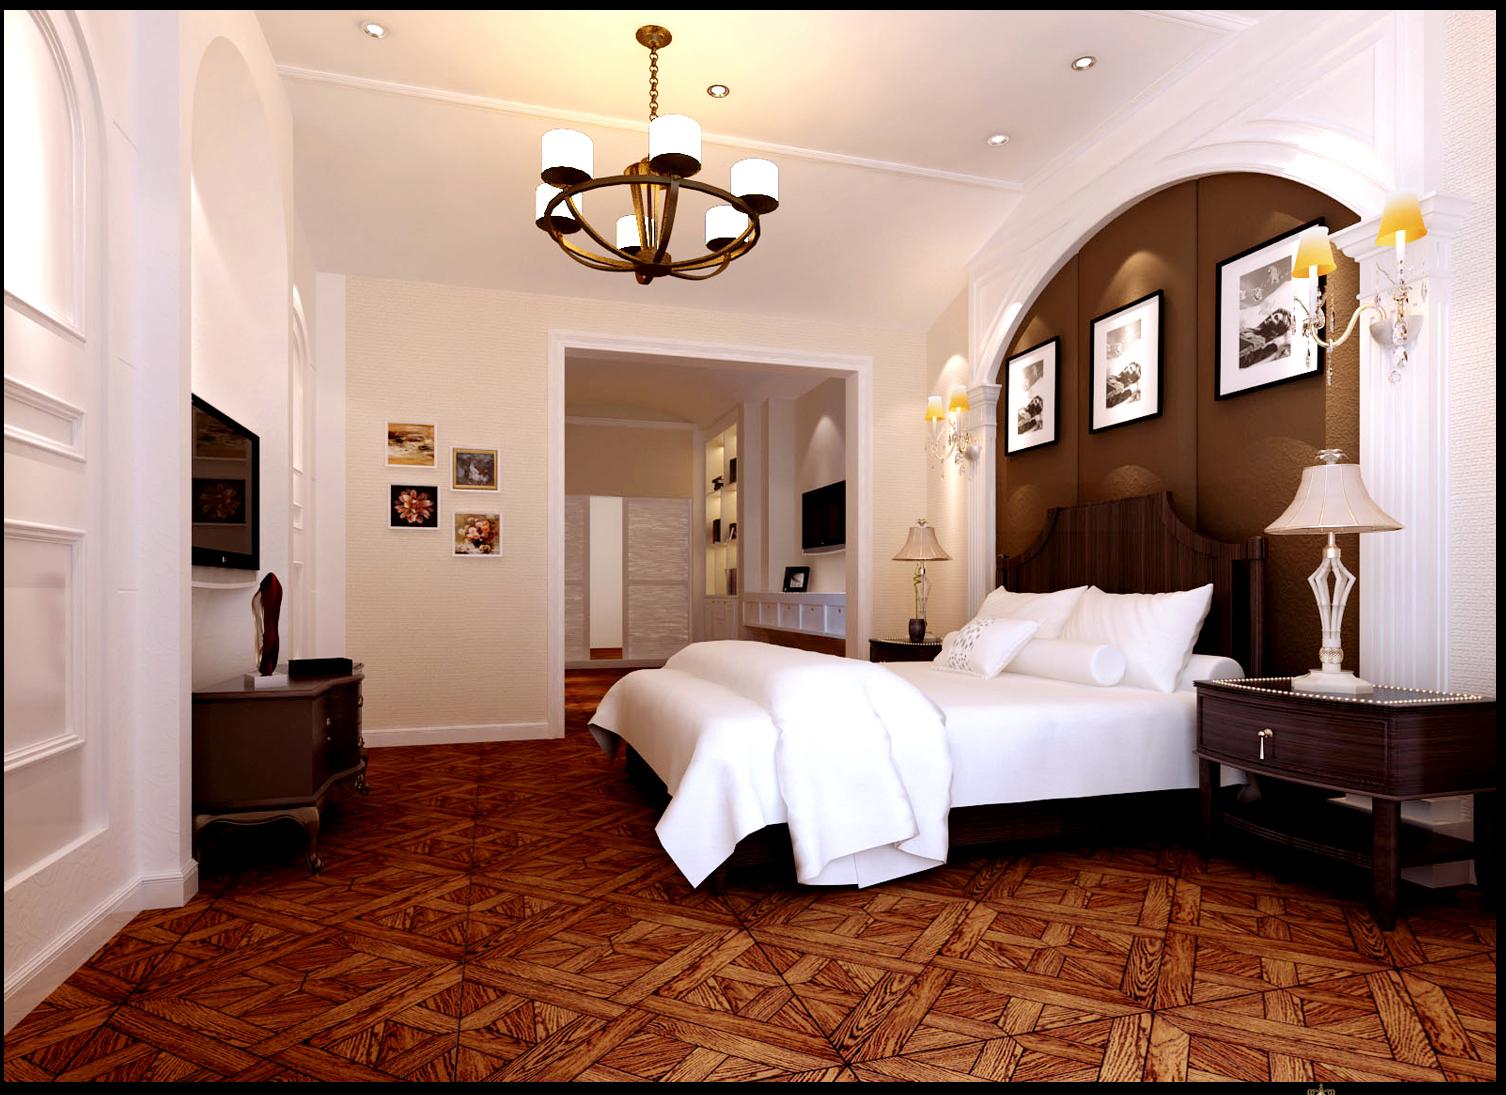 高度国际 欧式 别墅 卧室图片来自高度国际在32w打造奢华欧式风天竺新新家园的分享